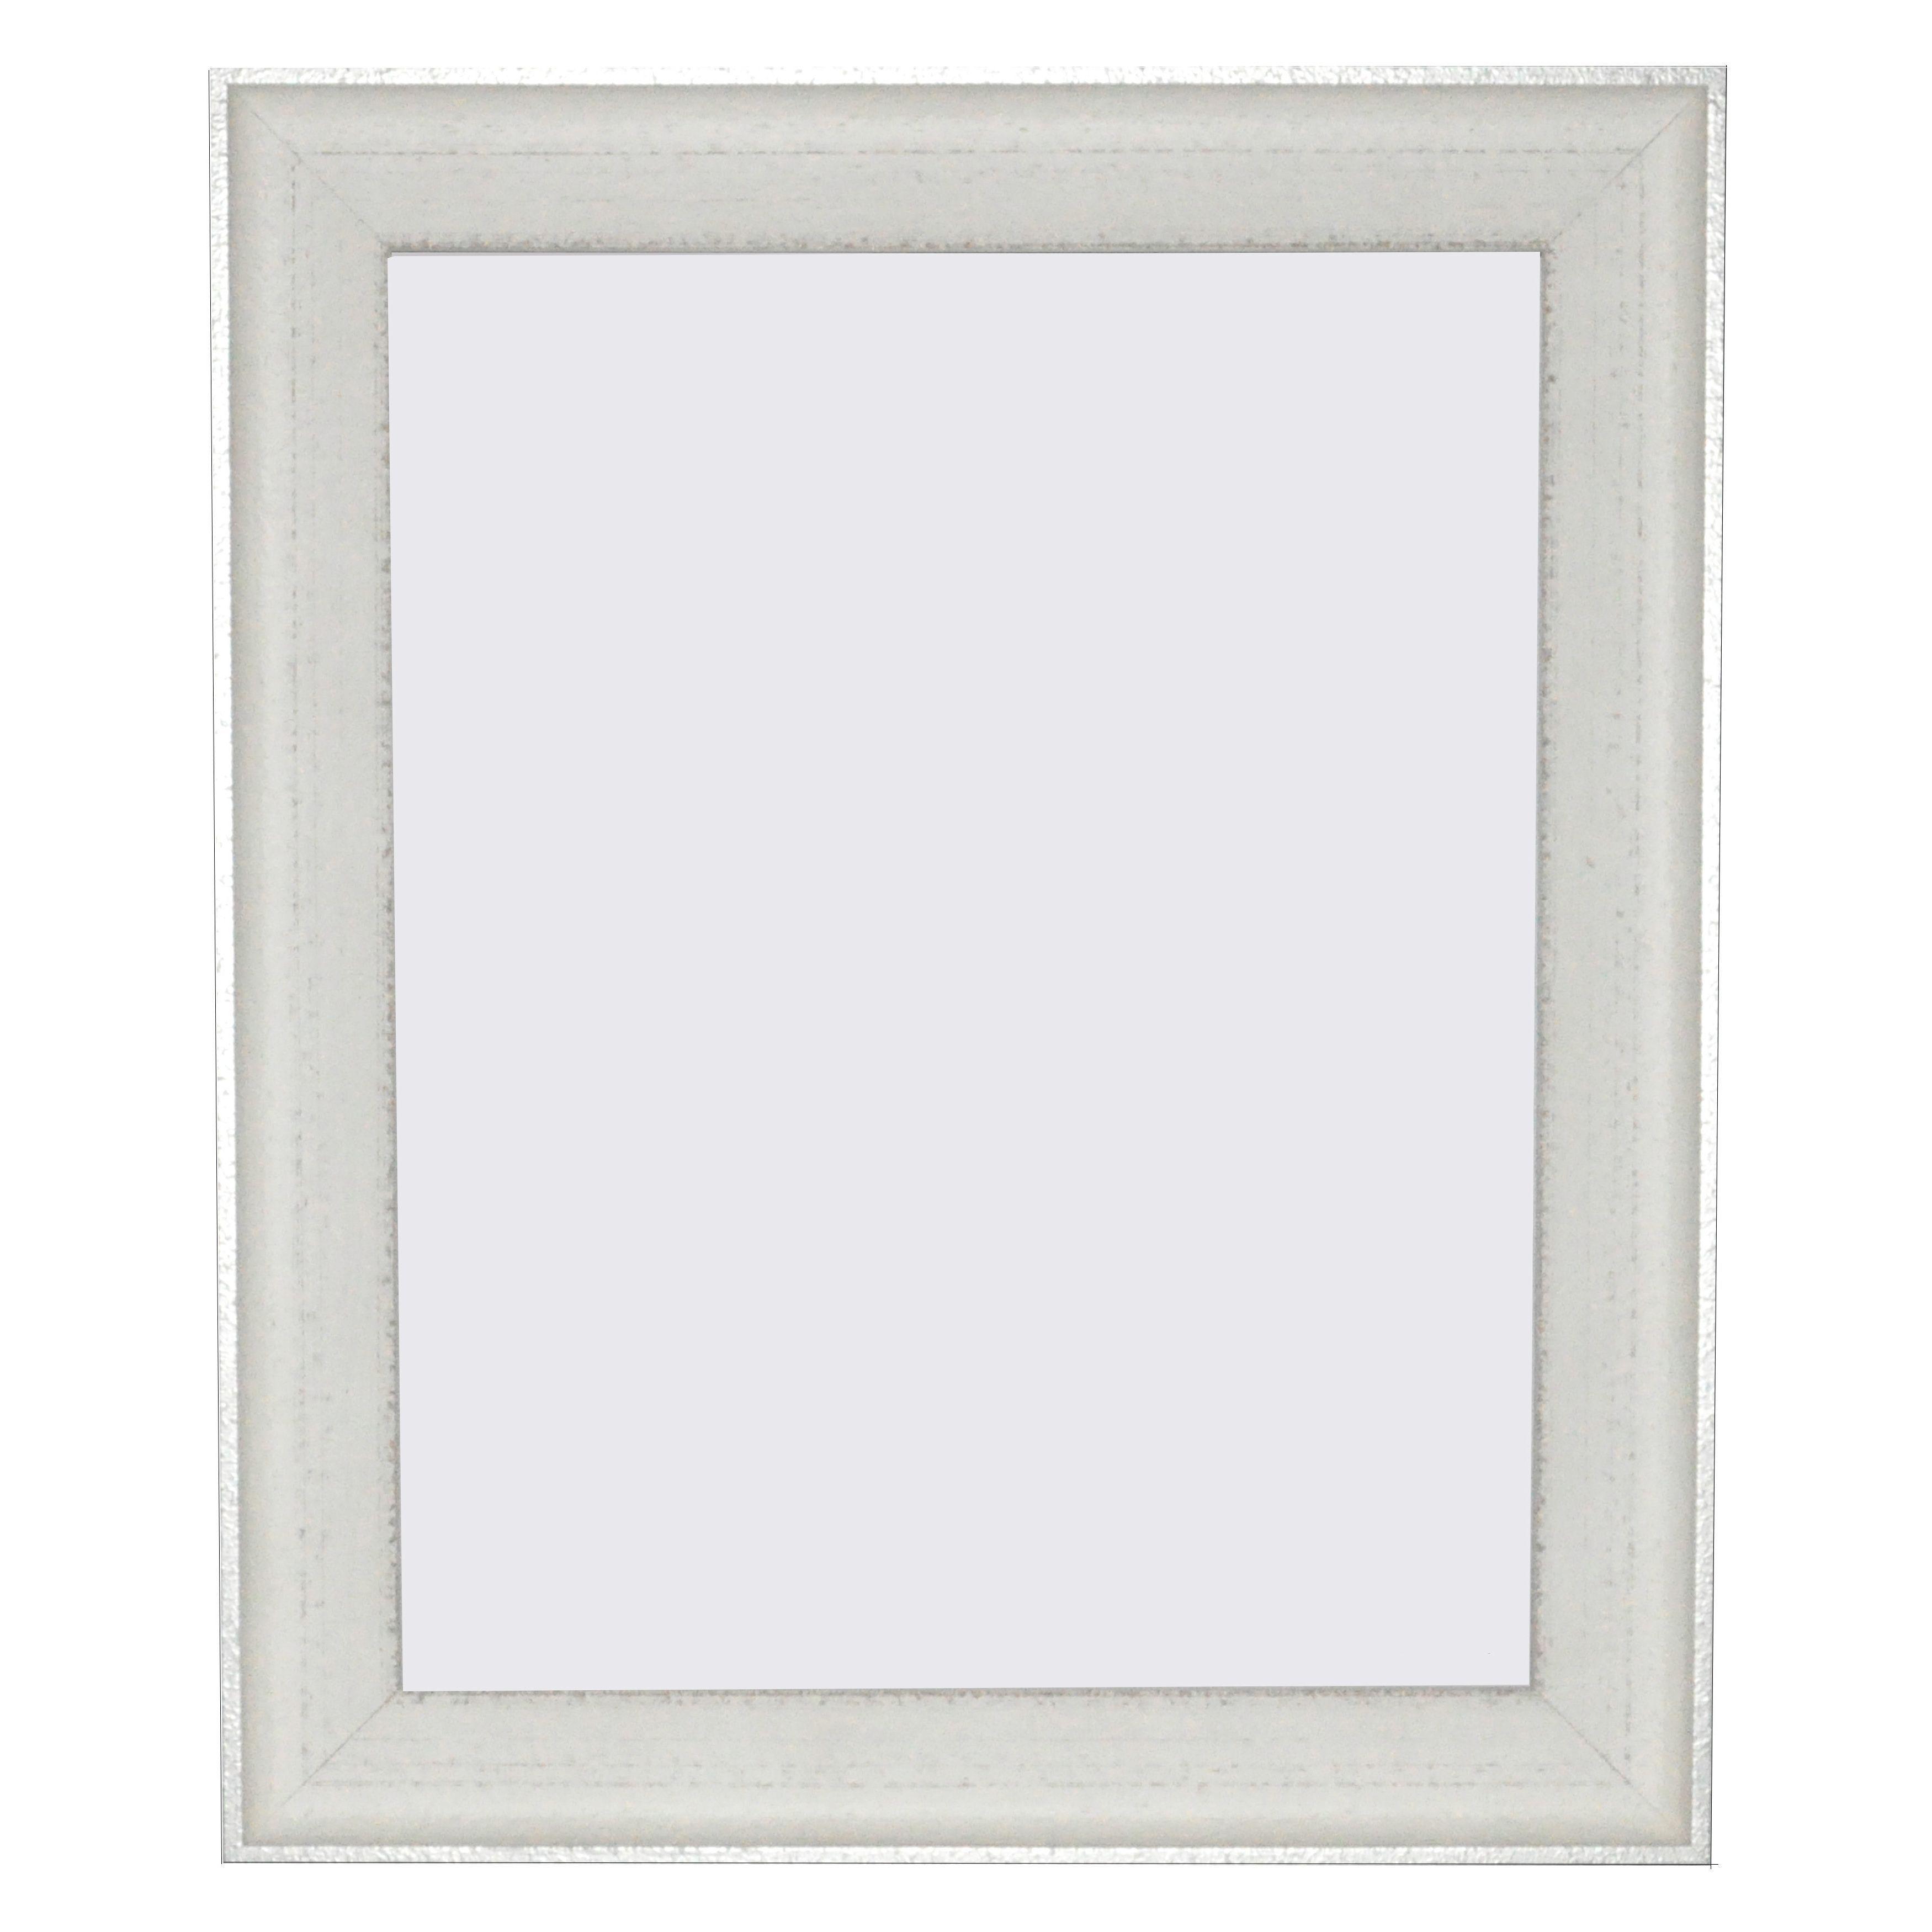 Rayne Mirrors Vintage White Frame Vintage Whitesilver Picture